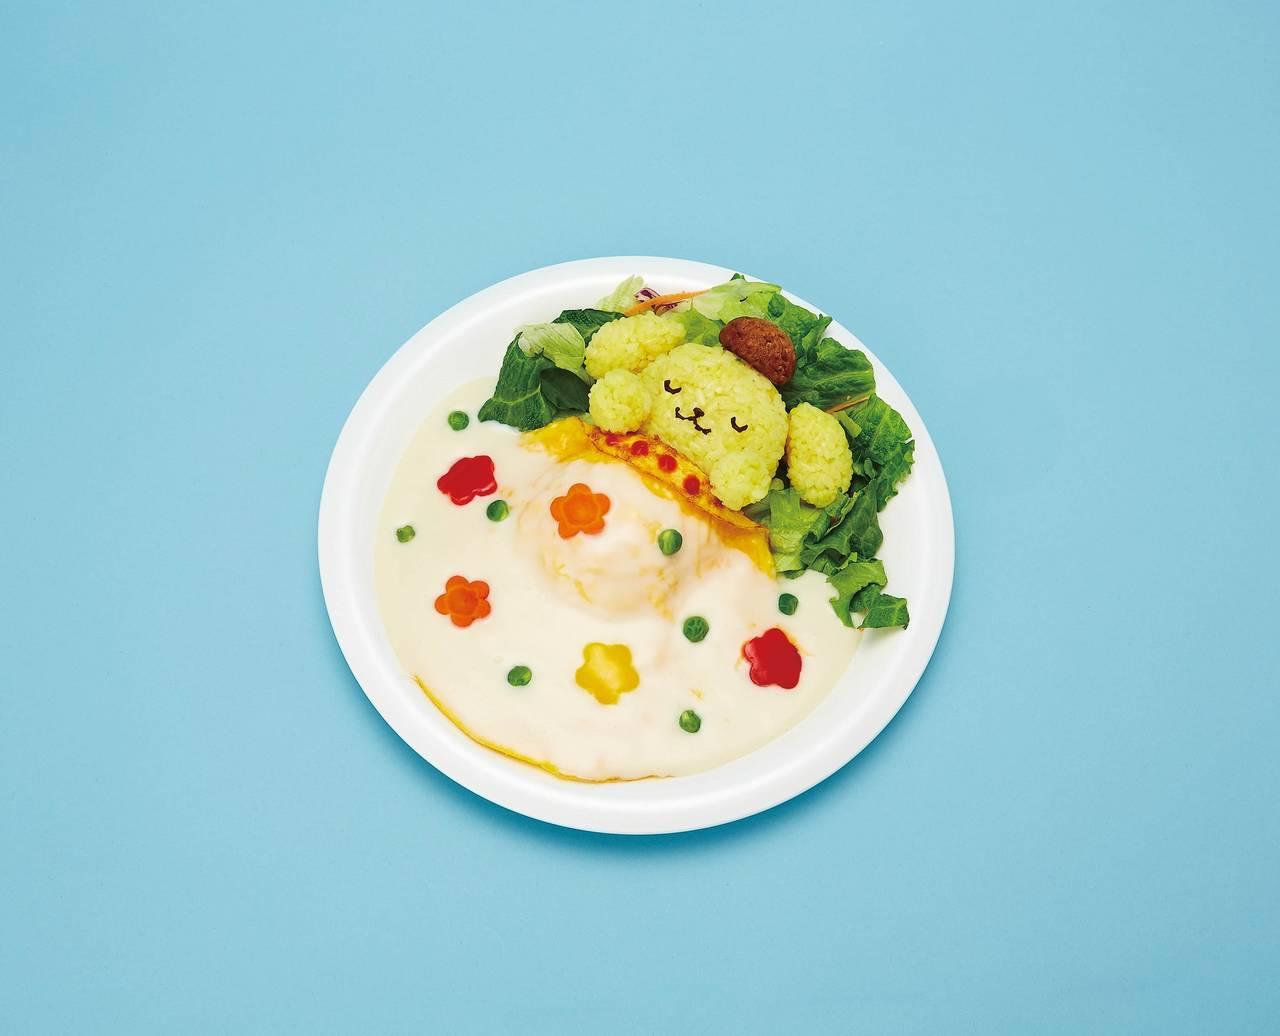 『サンリオ』キャラフードのレシピが期間限定公開! キティやシナモン、ポムポムプリンの可愛い食卓♪